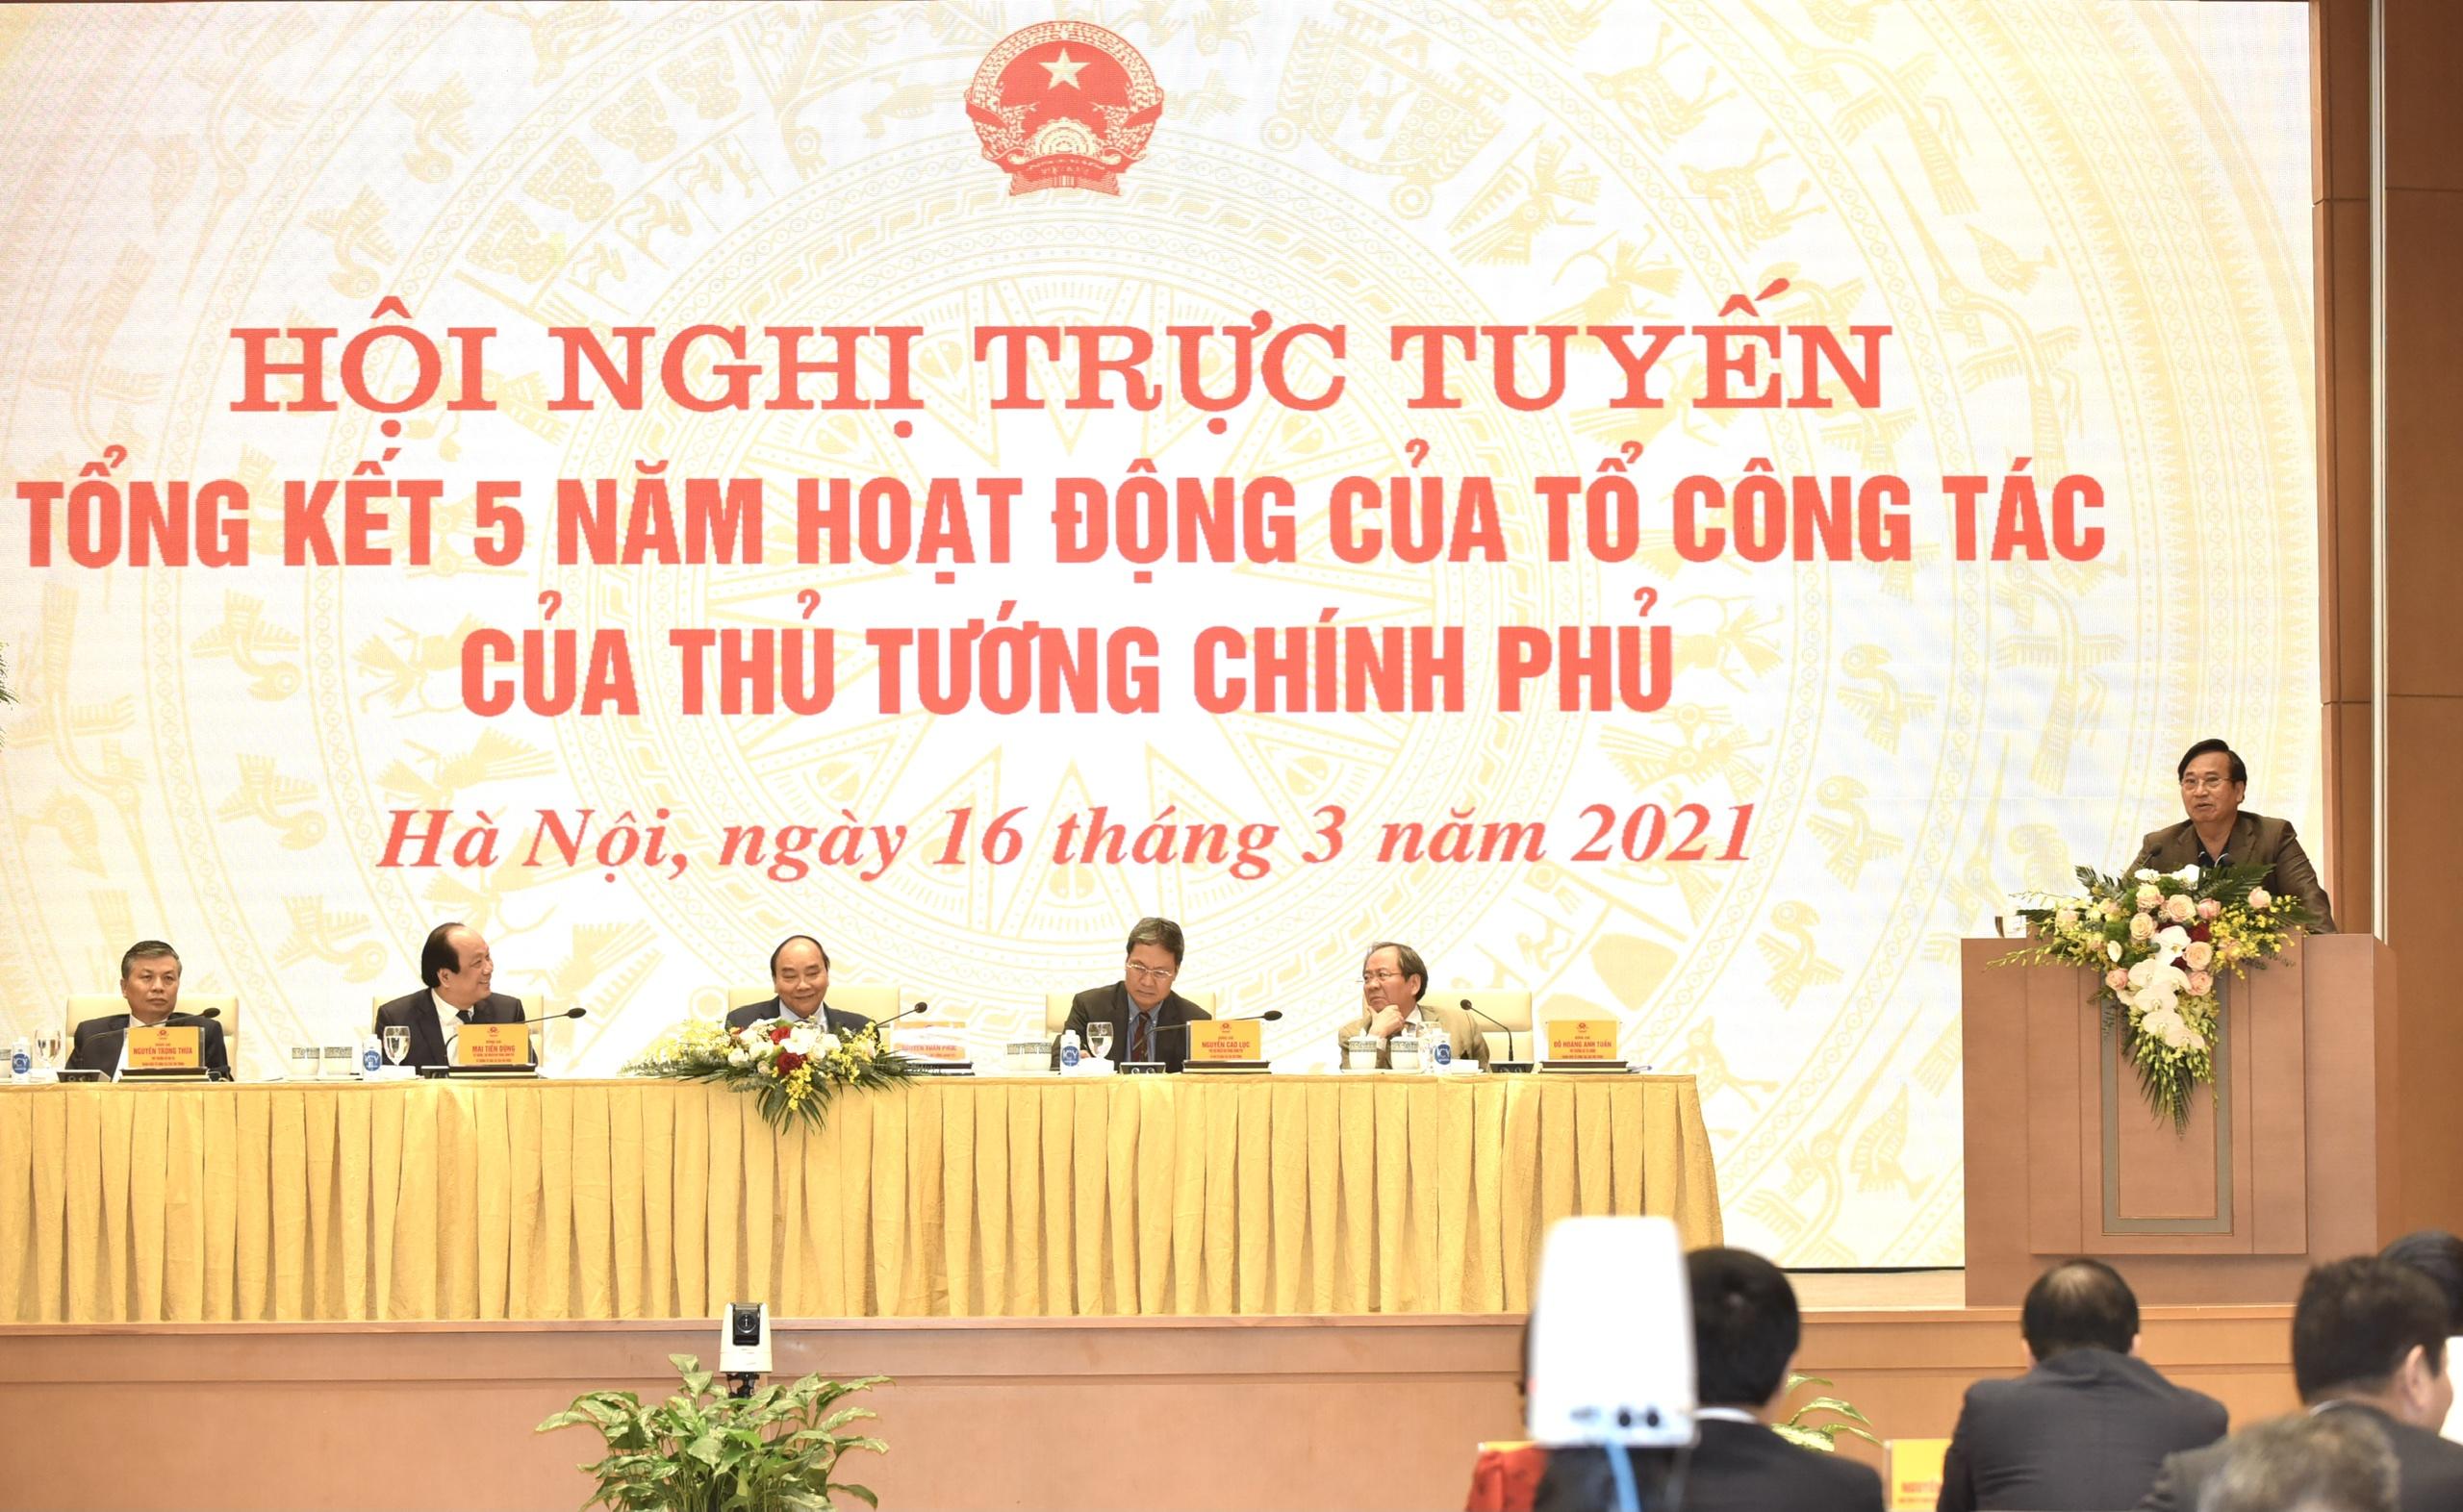 Thành tích vận động chính sách của Hiệp hội Dệt May Việt Nam đã được ghi nhận